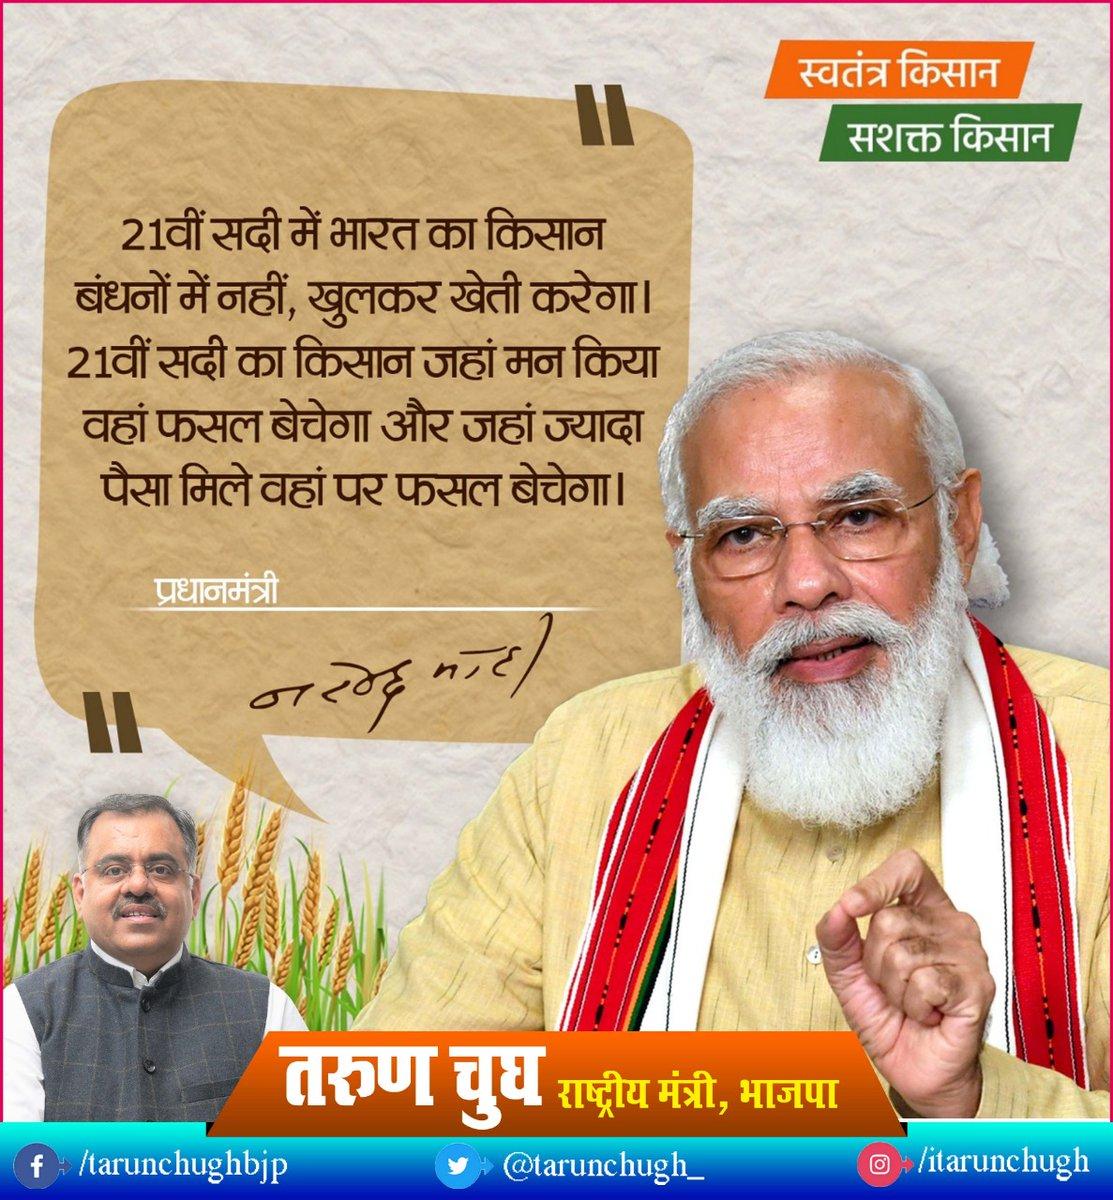 21वीं सदी में भारत का किसान बंधनों में नहीं, खुलकर खेती करेगा। 21वीं सदी का किसान जहां मन किया वहां फसल बेचेगा और जहां ज्यादा पैसा मिले वहां पर फसल बेचेगा। - प्रधानमंत्री श्री @narendramodi #JaiKisan